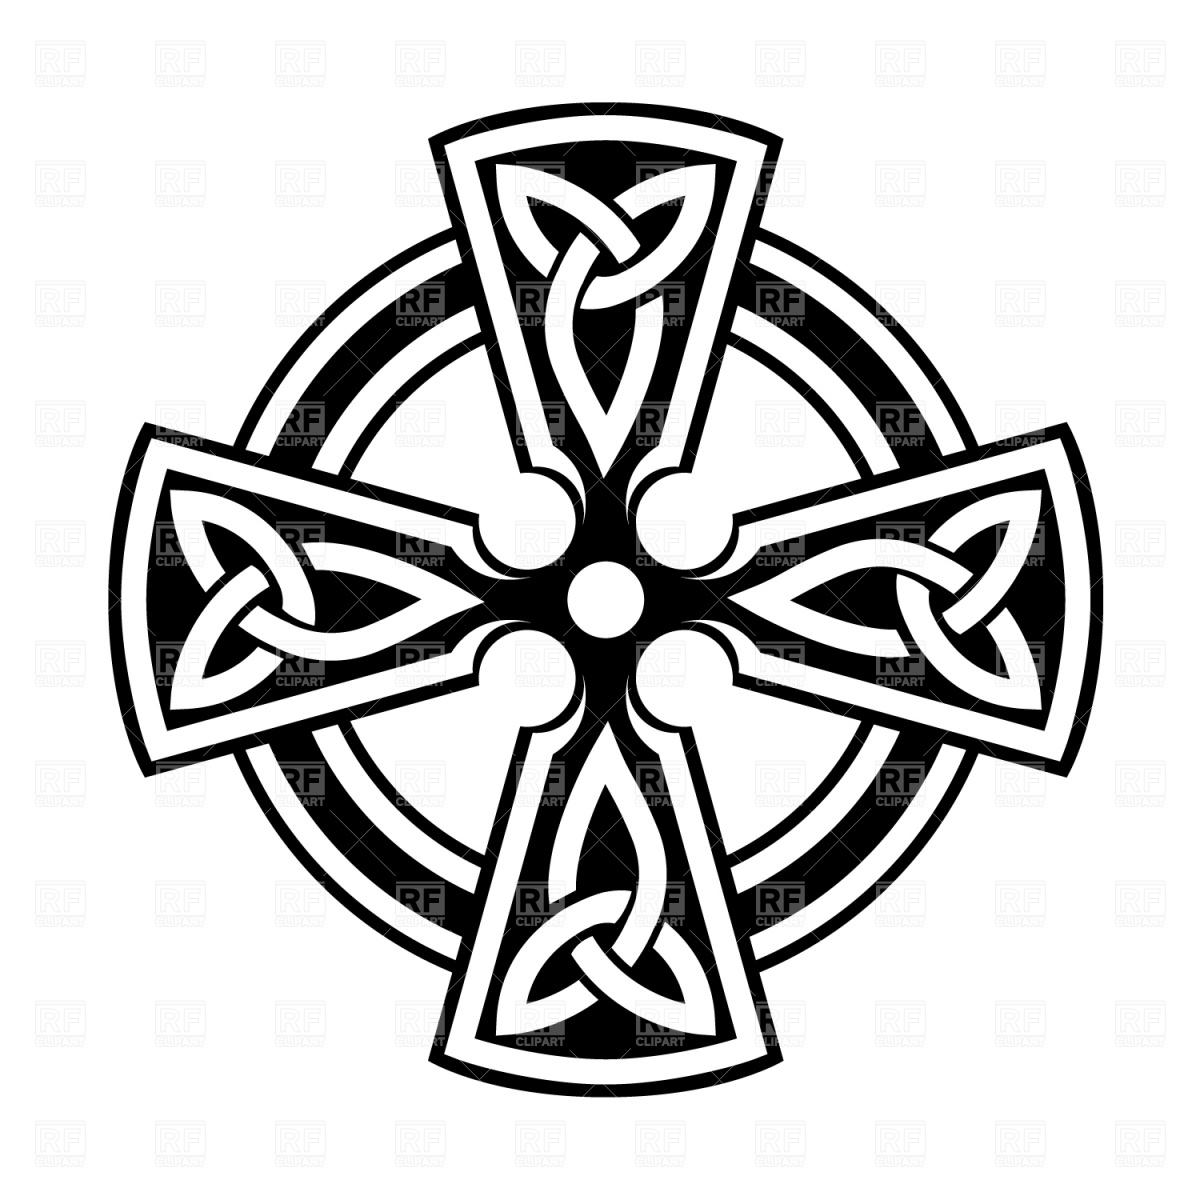 Simple Celtic Cross Clip Art | Clipart Panda - Free Clipart Images image